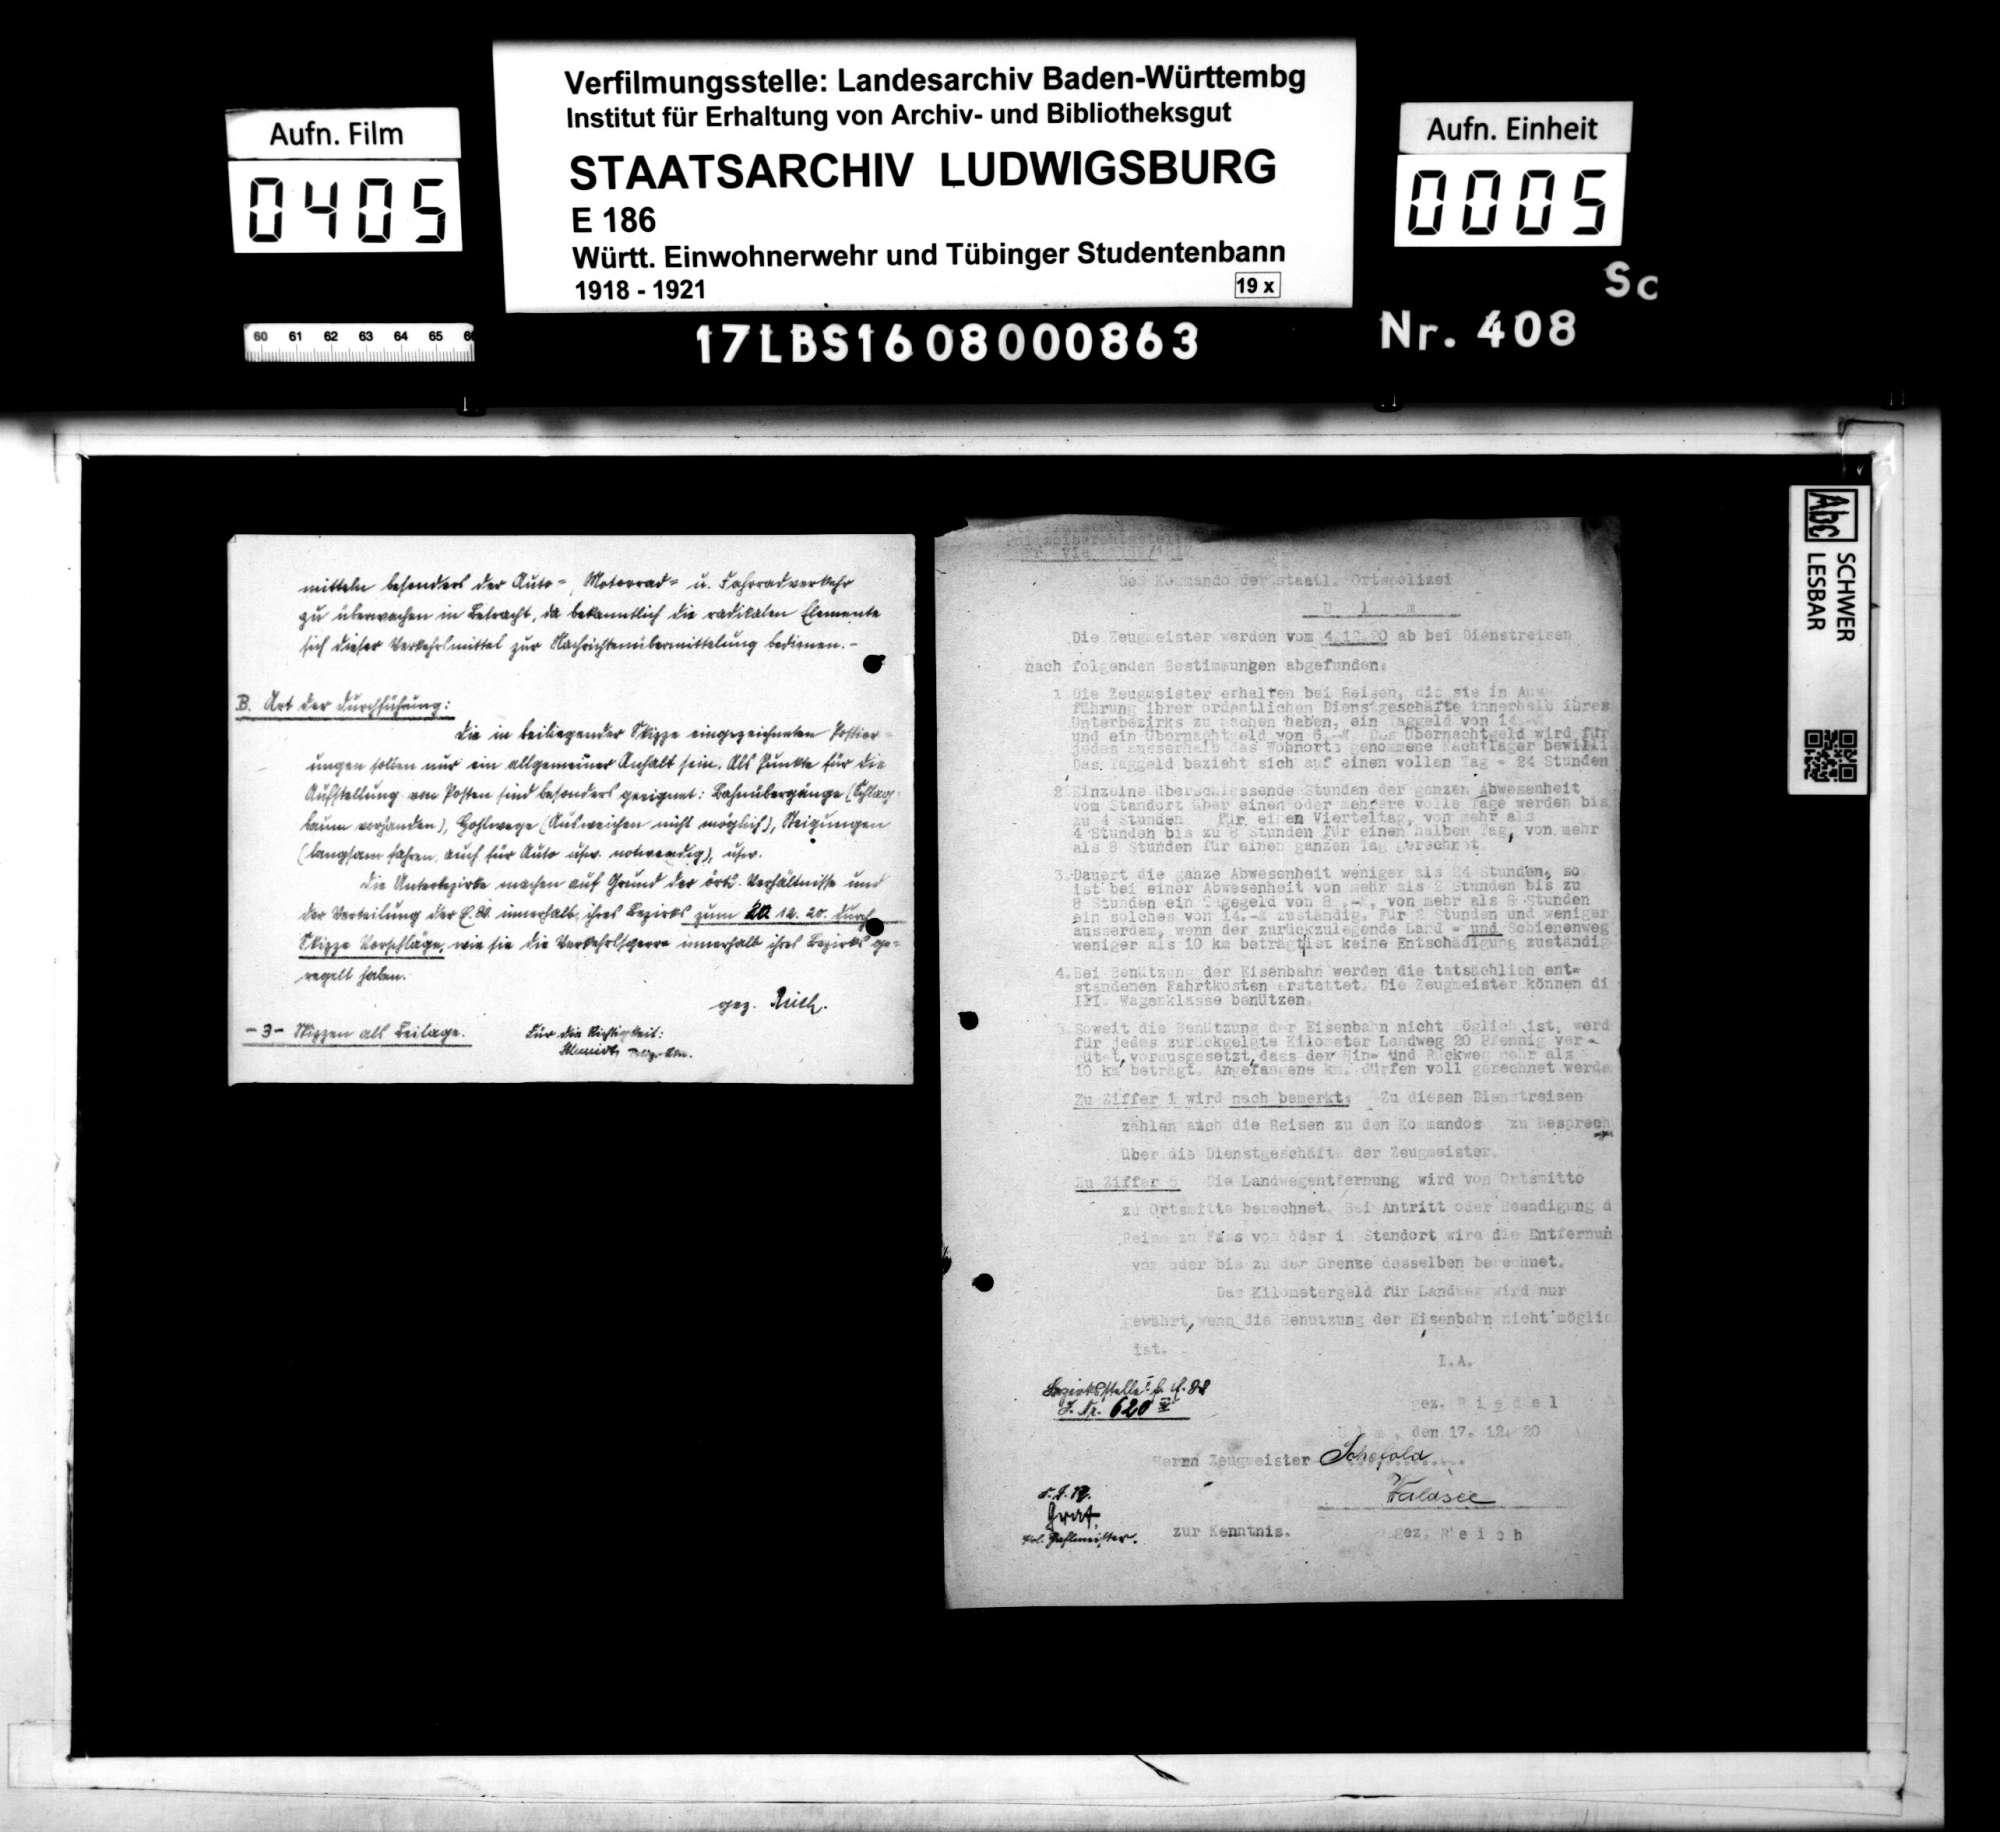 Verfügungen der Hauptstelle für Einwohnerwehren Württembergs, der Bezirksstelle 2 Ulm und anderer Dienststellen, Bild 3